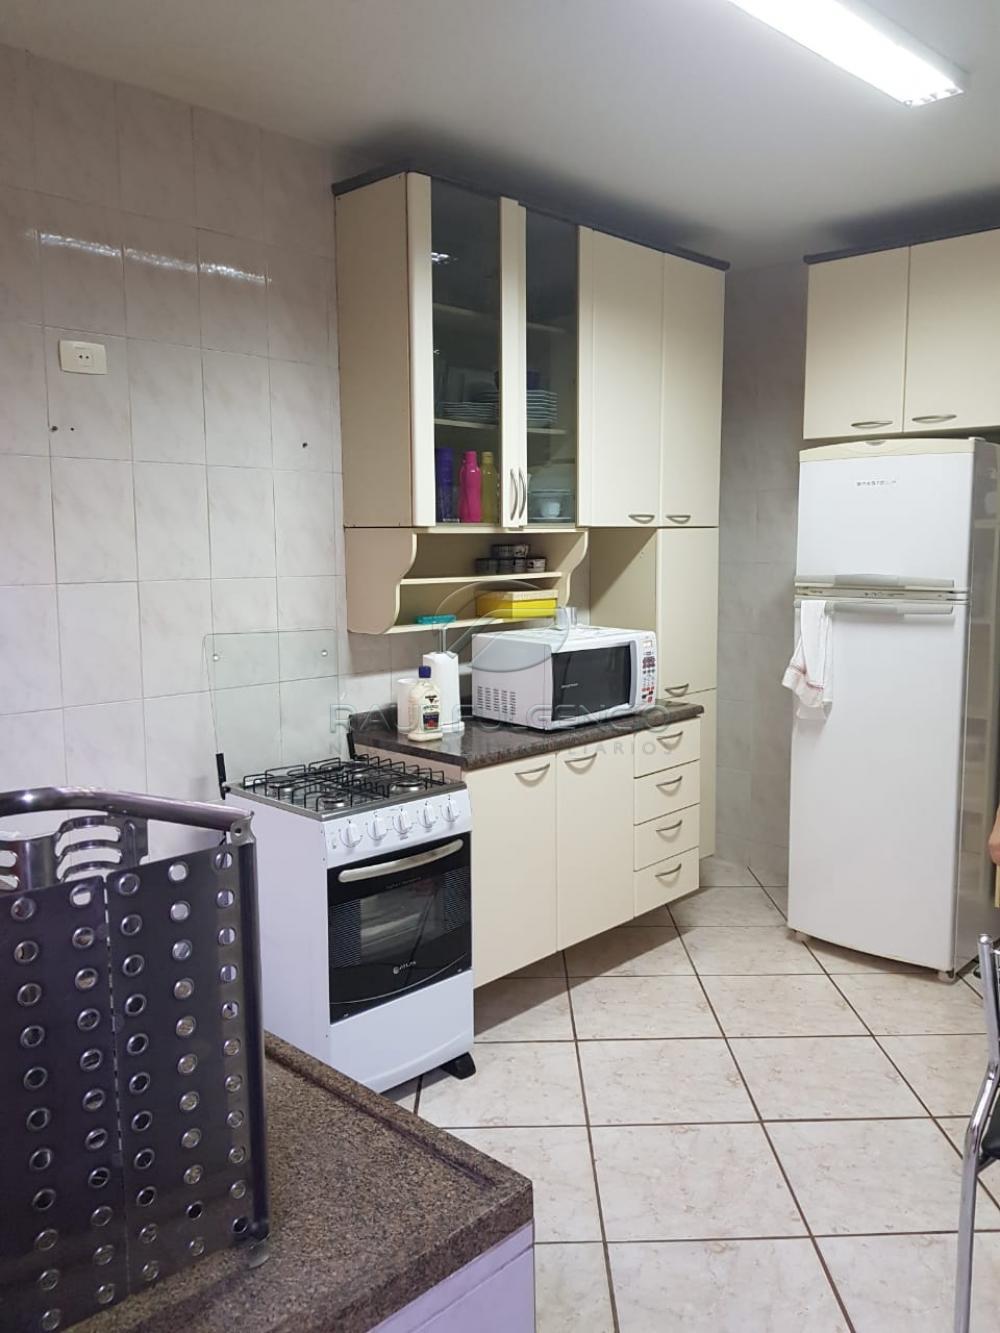 Comprar Casa / Térrea em Londrina apenas R$ 595.000,00 - Foto 10